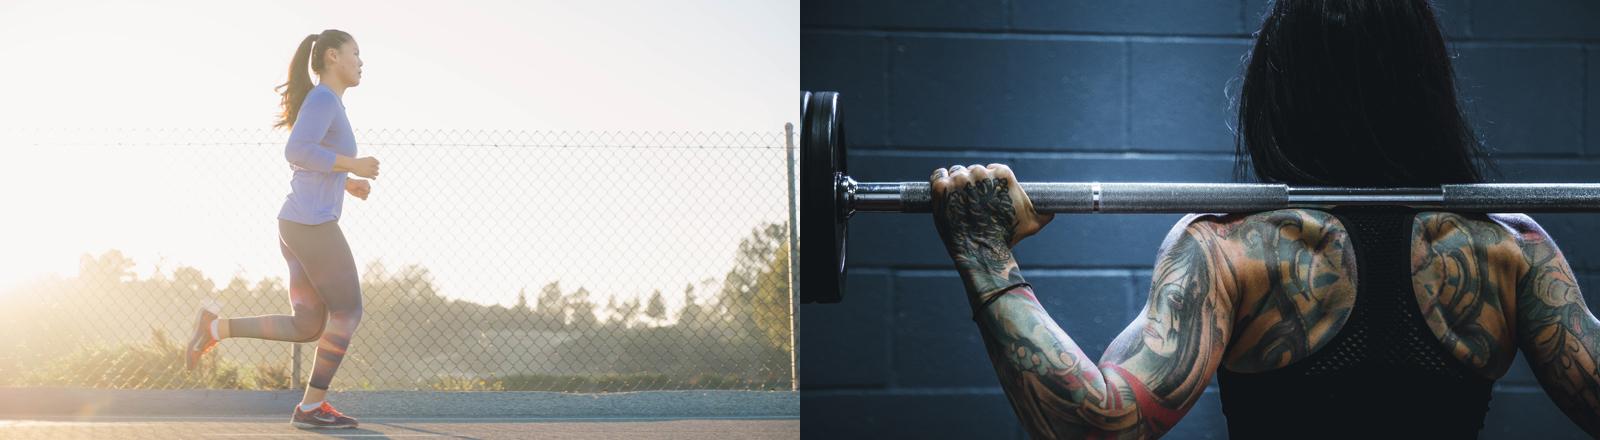 Collage aus Joggerin und Bodybuilderin